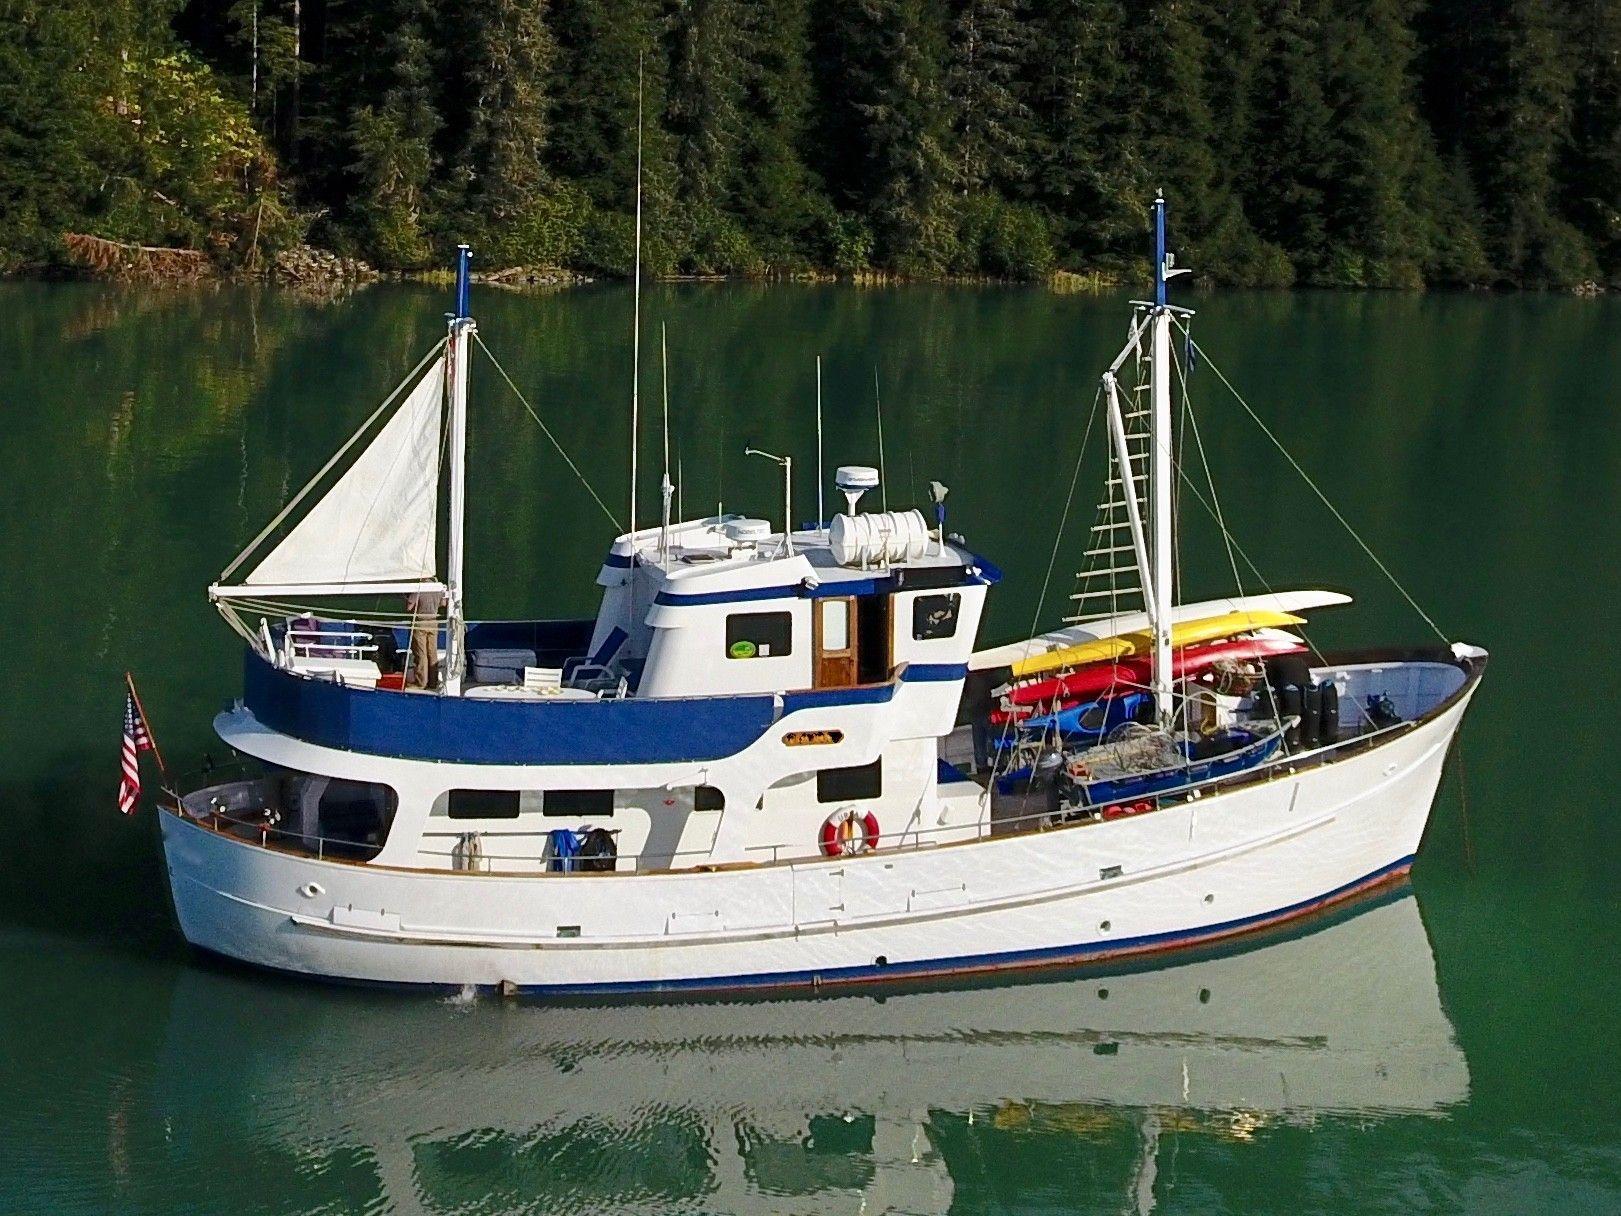 1972 Southern Marine Malahide Trawler Yacht Motor Yacht for sale - YachtWorld